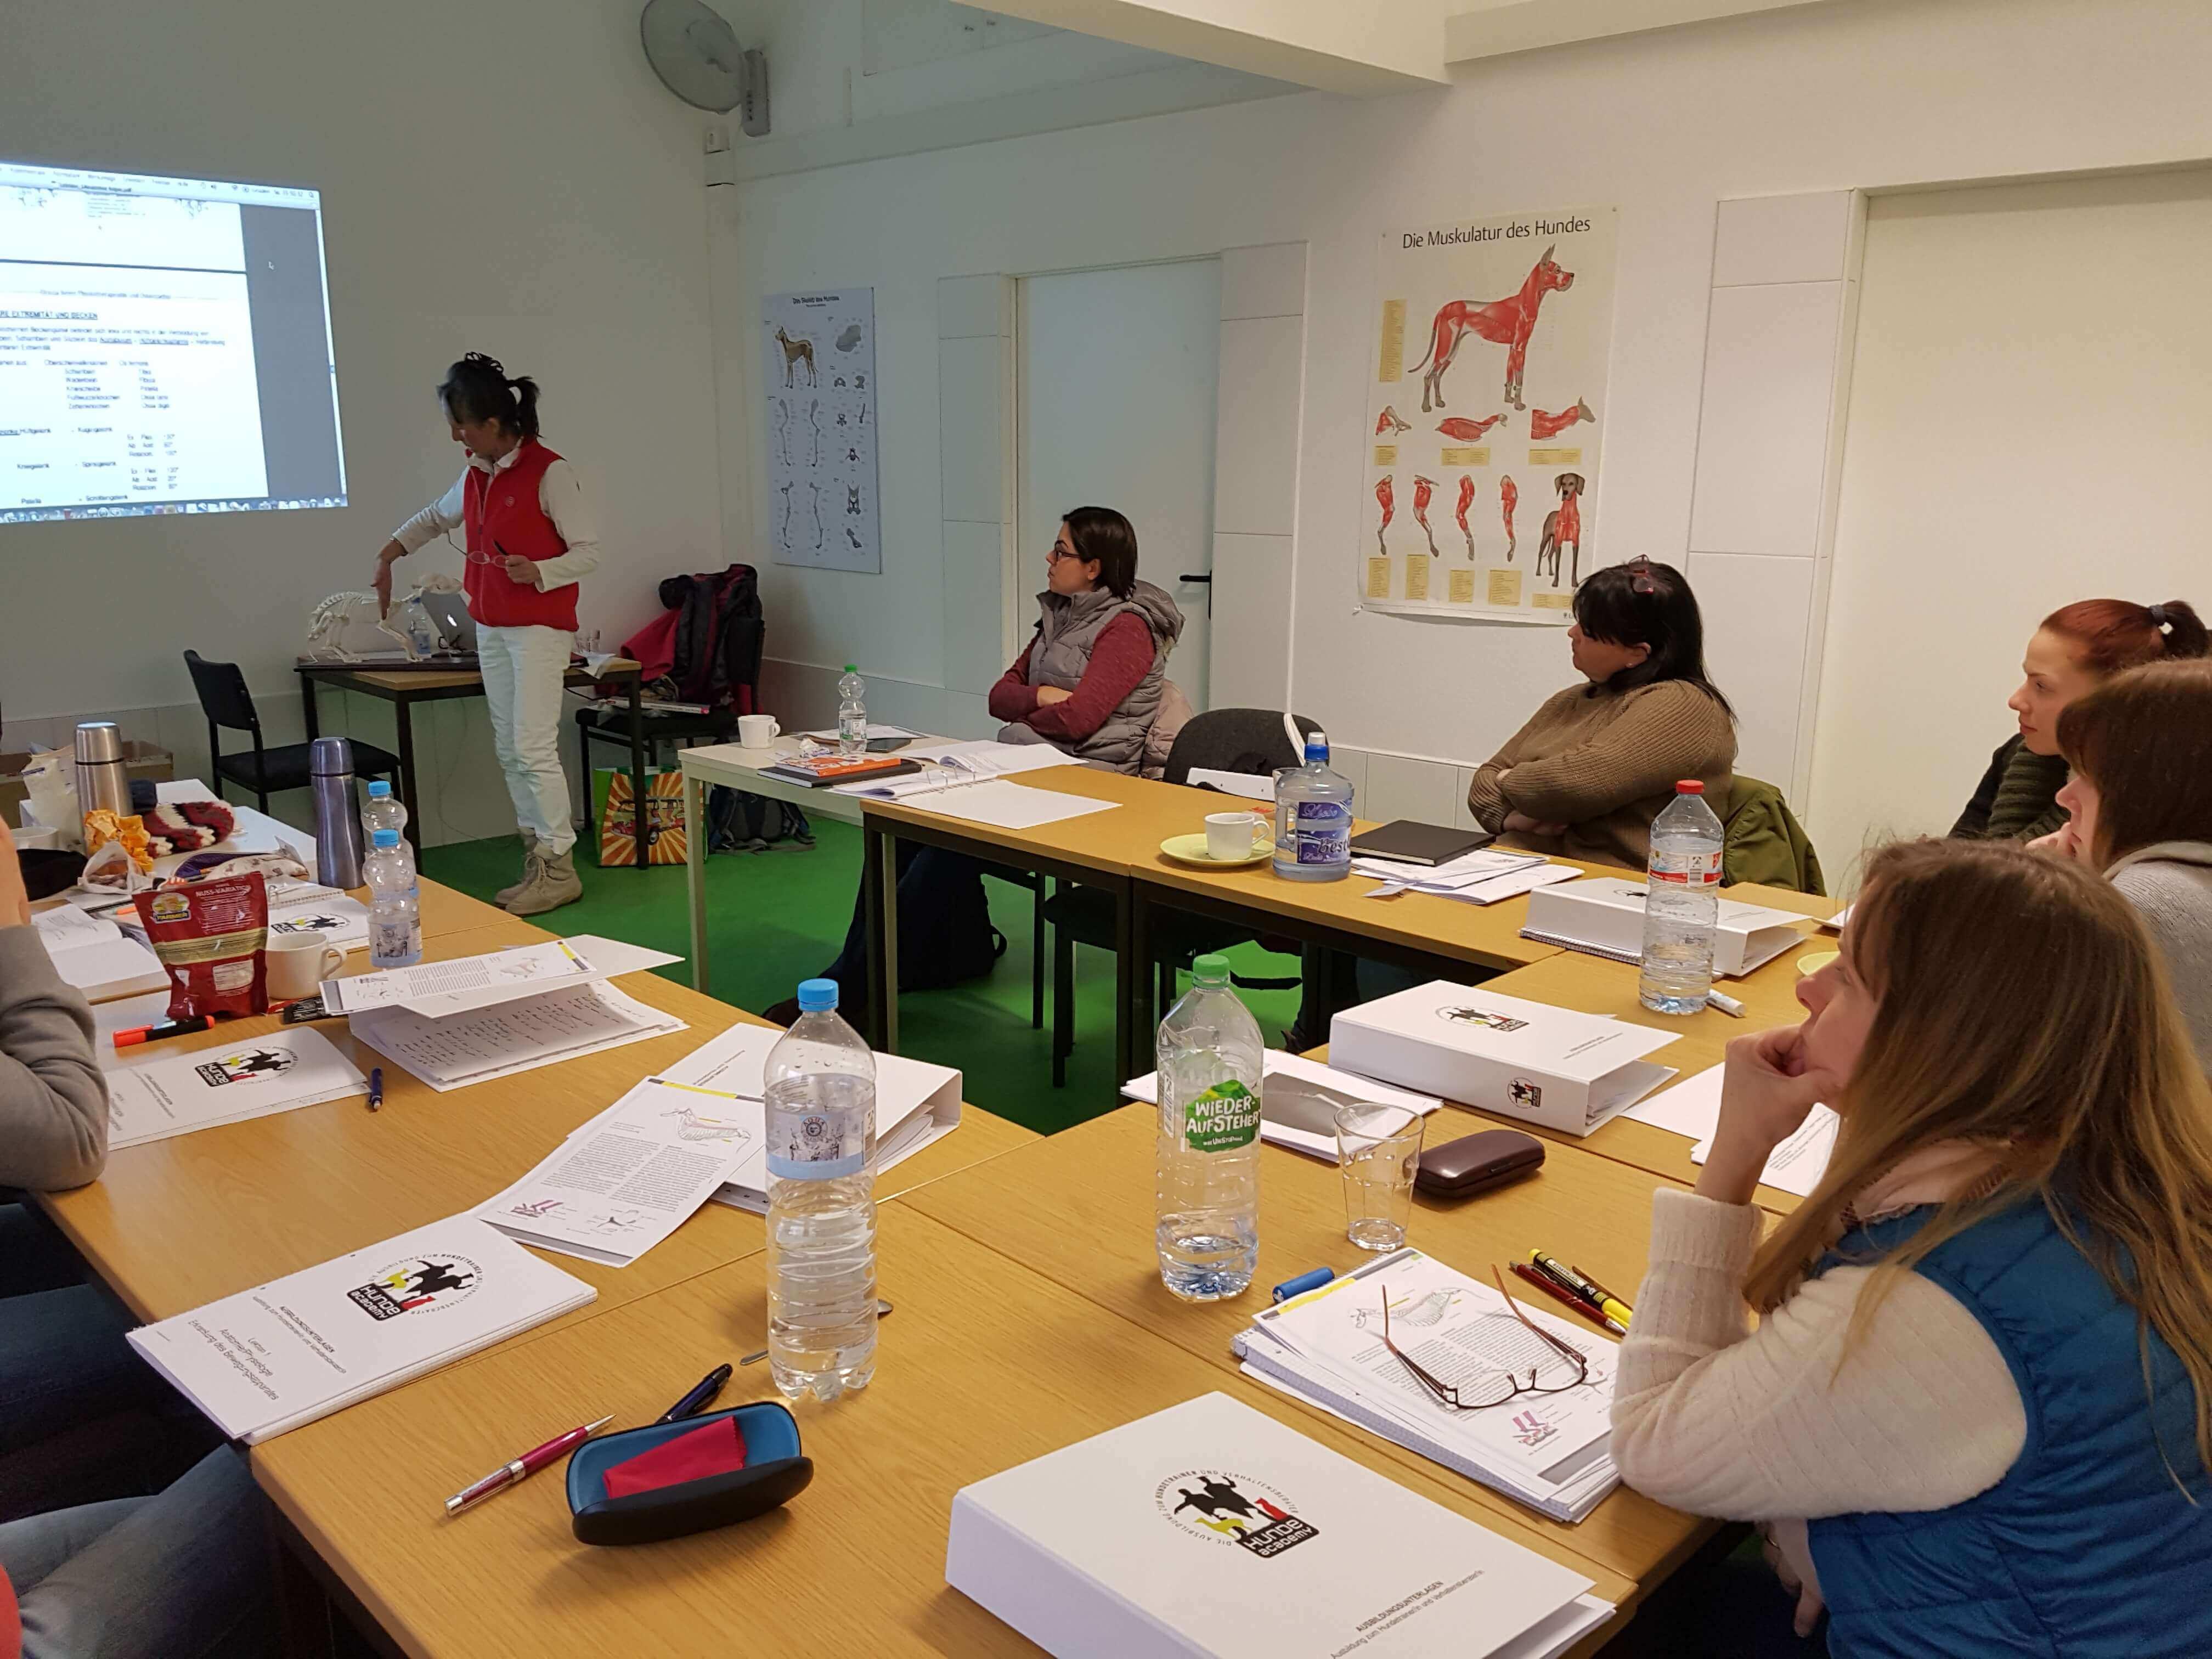 Die Hundeacademy lehrt während der Ausbildung den anatomischen Aufbau eines Hundes. Informieren Sie sich hier!